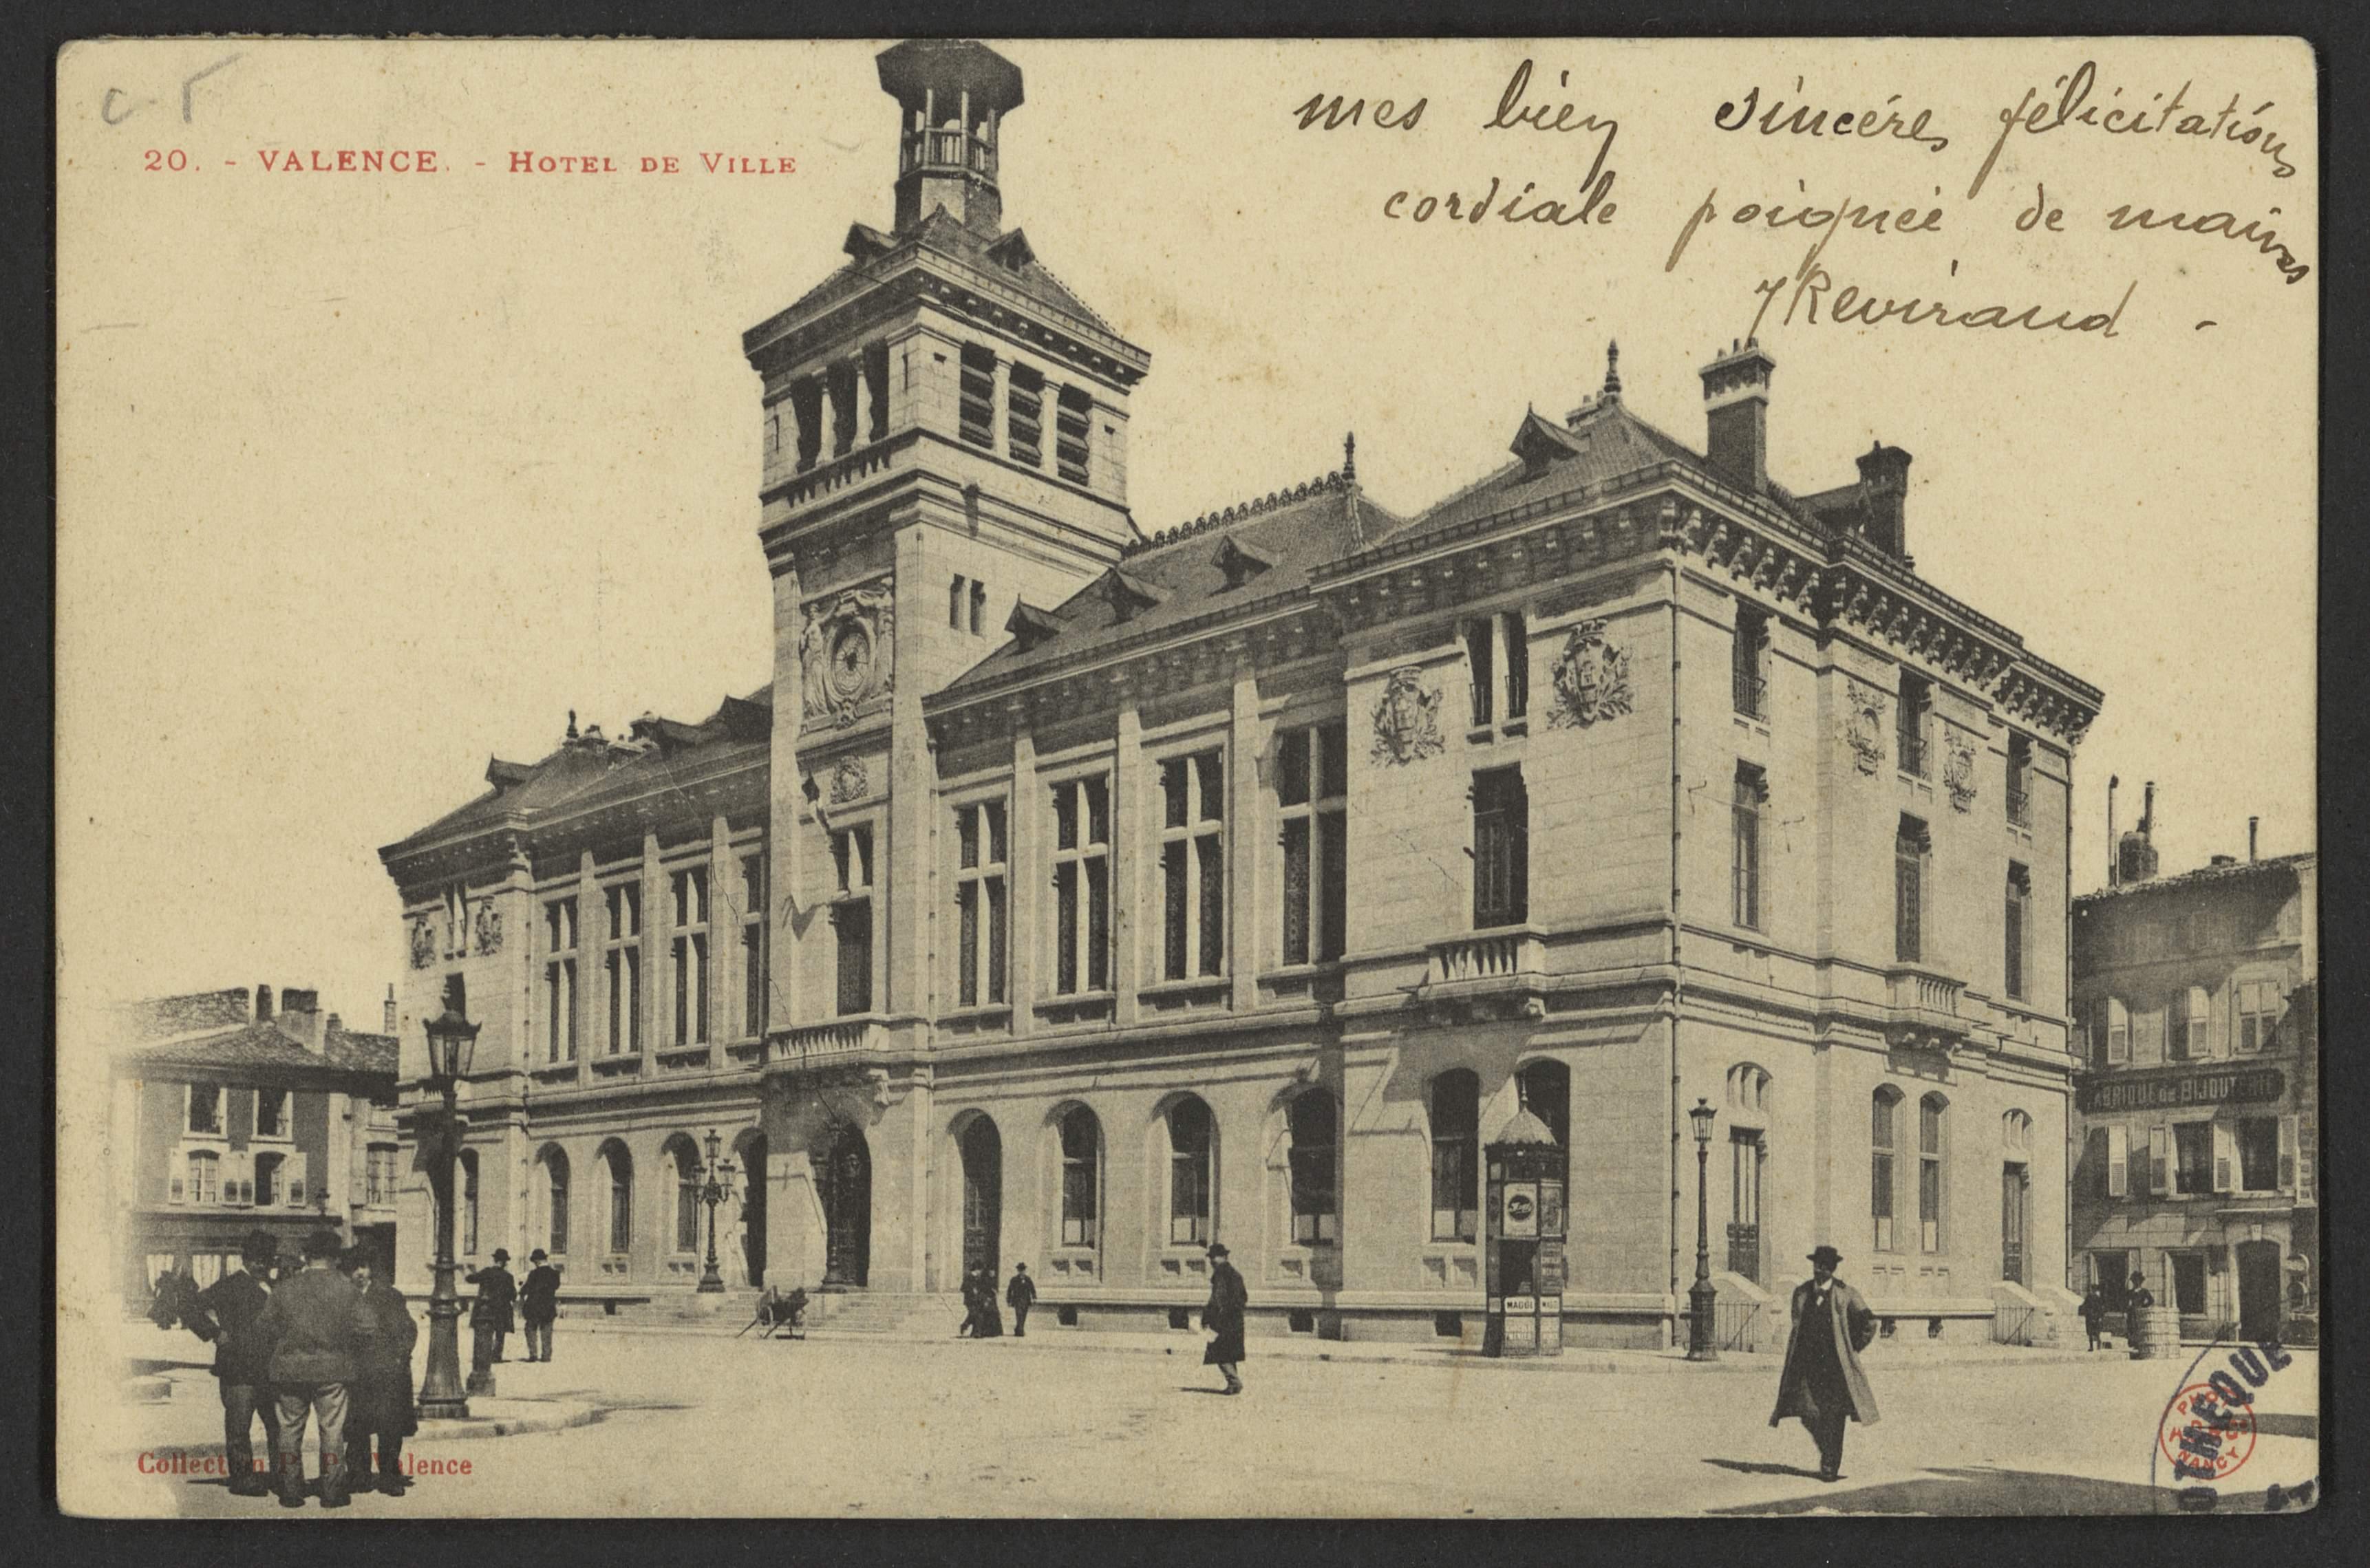 Valence. - Hôtel de Ville